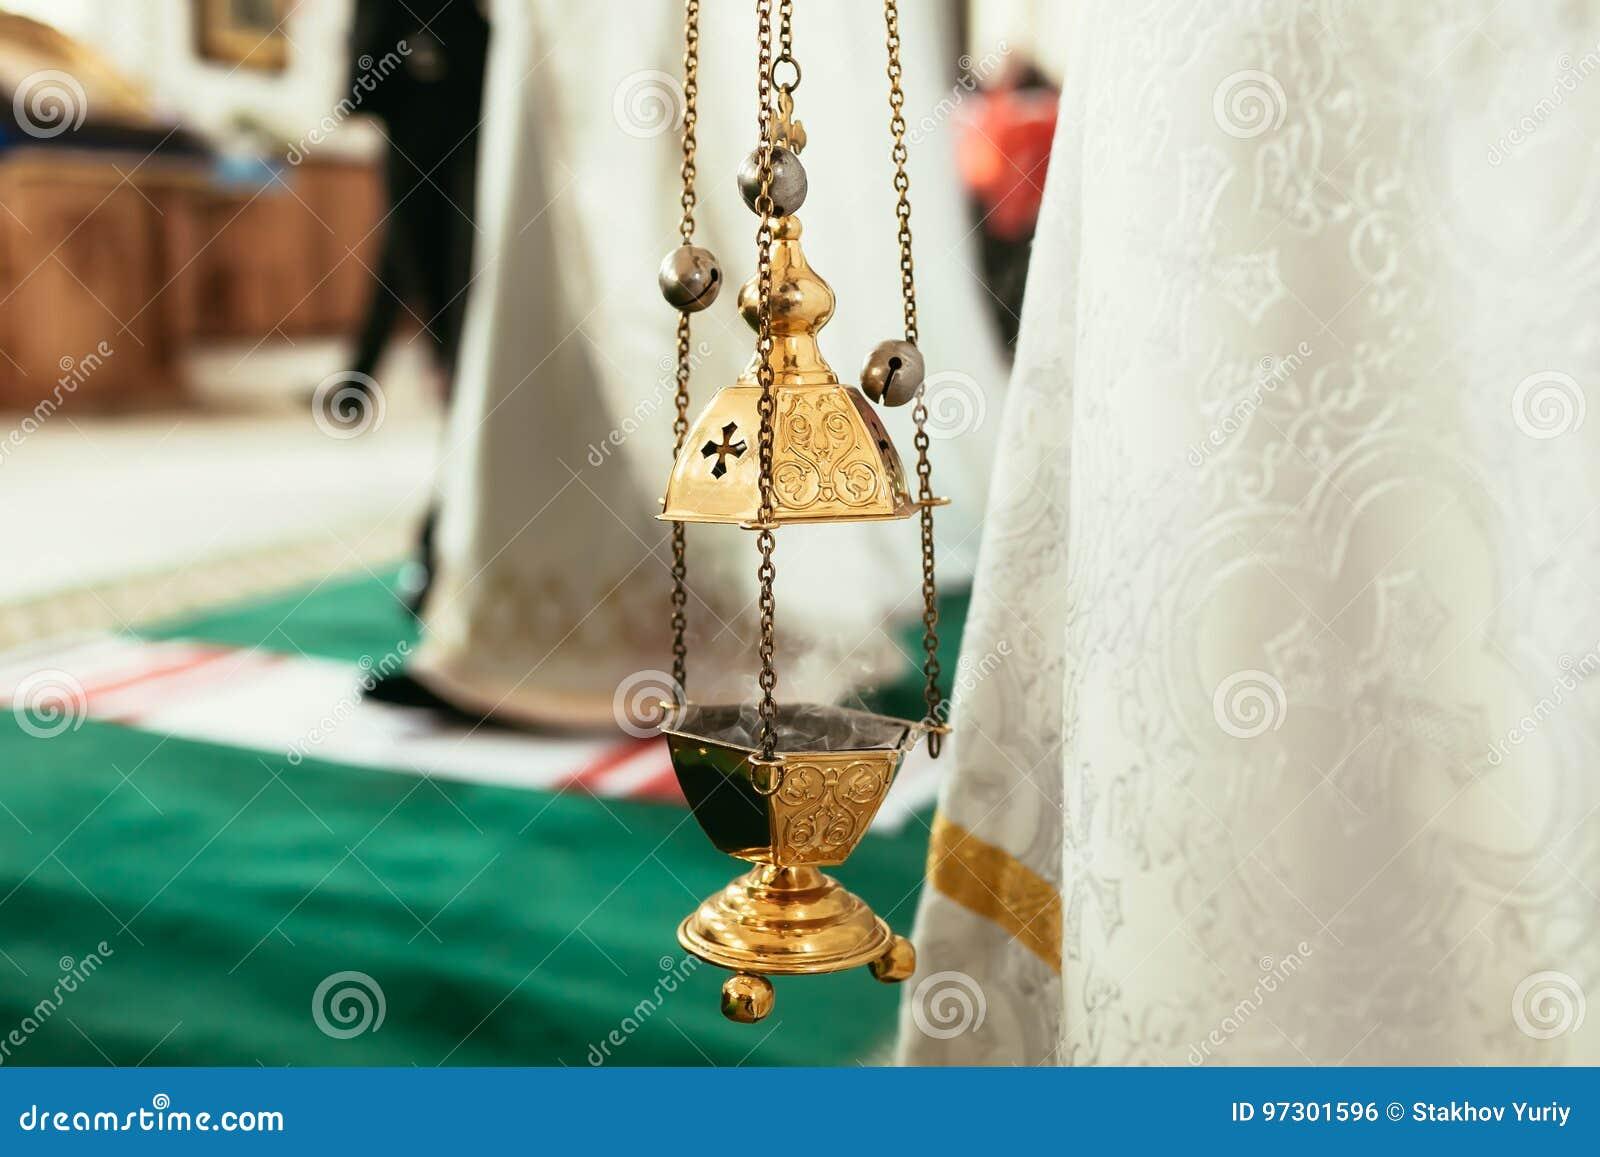 Ορθόδοξος λαμπτήρας εικονιδίων Ιδιότητες εκκλησιών Εκκλησία Lampstand Χριστιανισμός και πίστη Θρησκευτικός ναός Προσευχή και τιμω